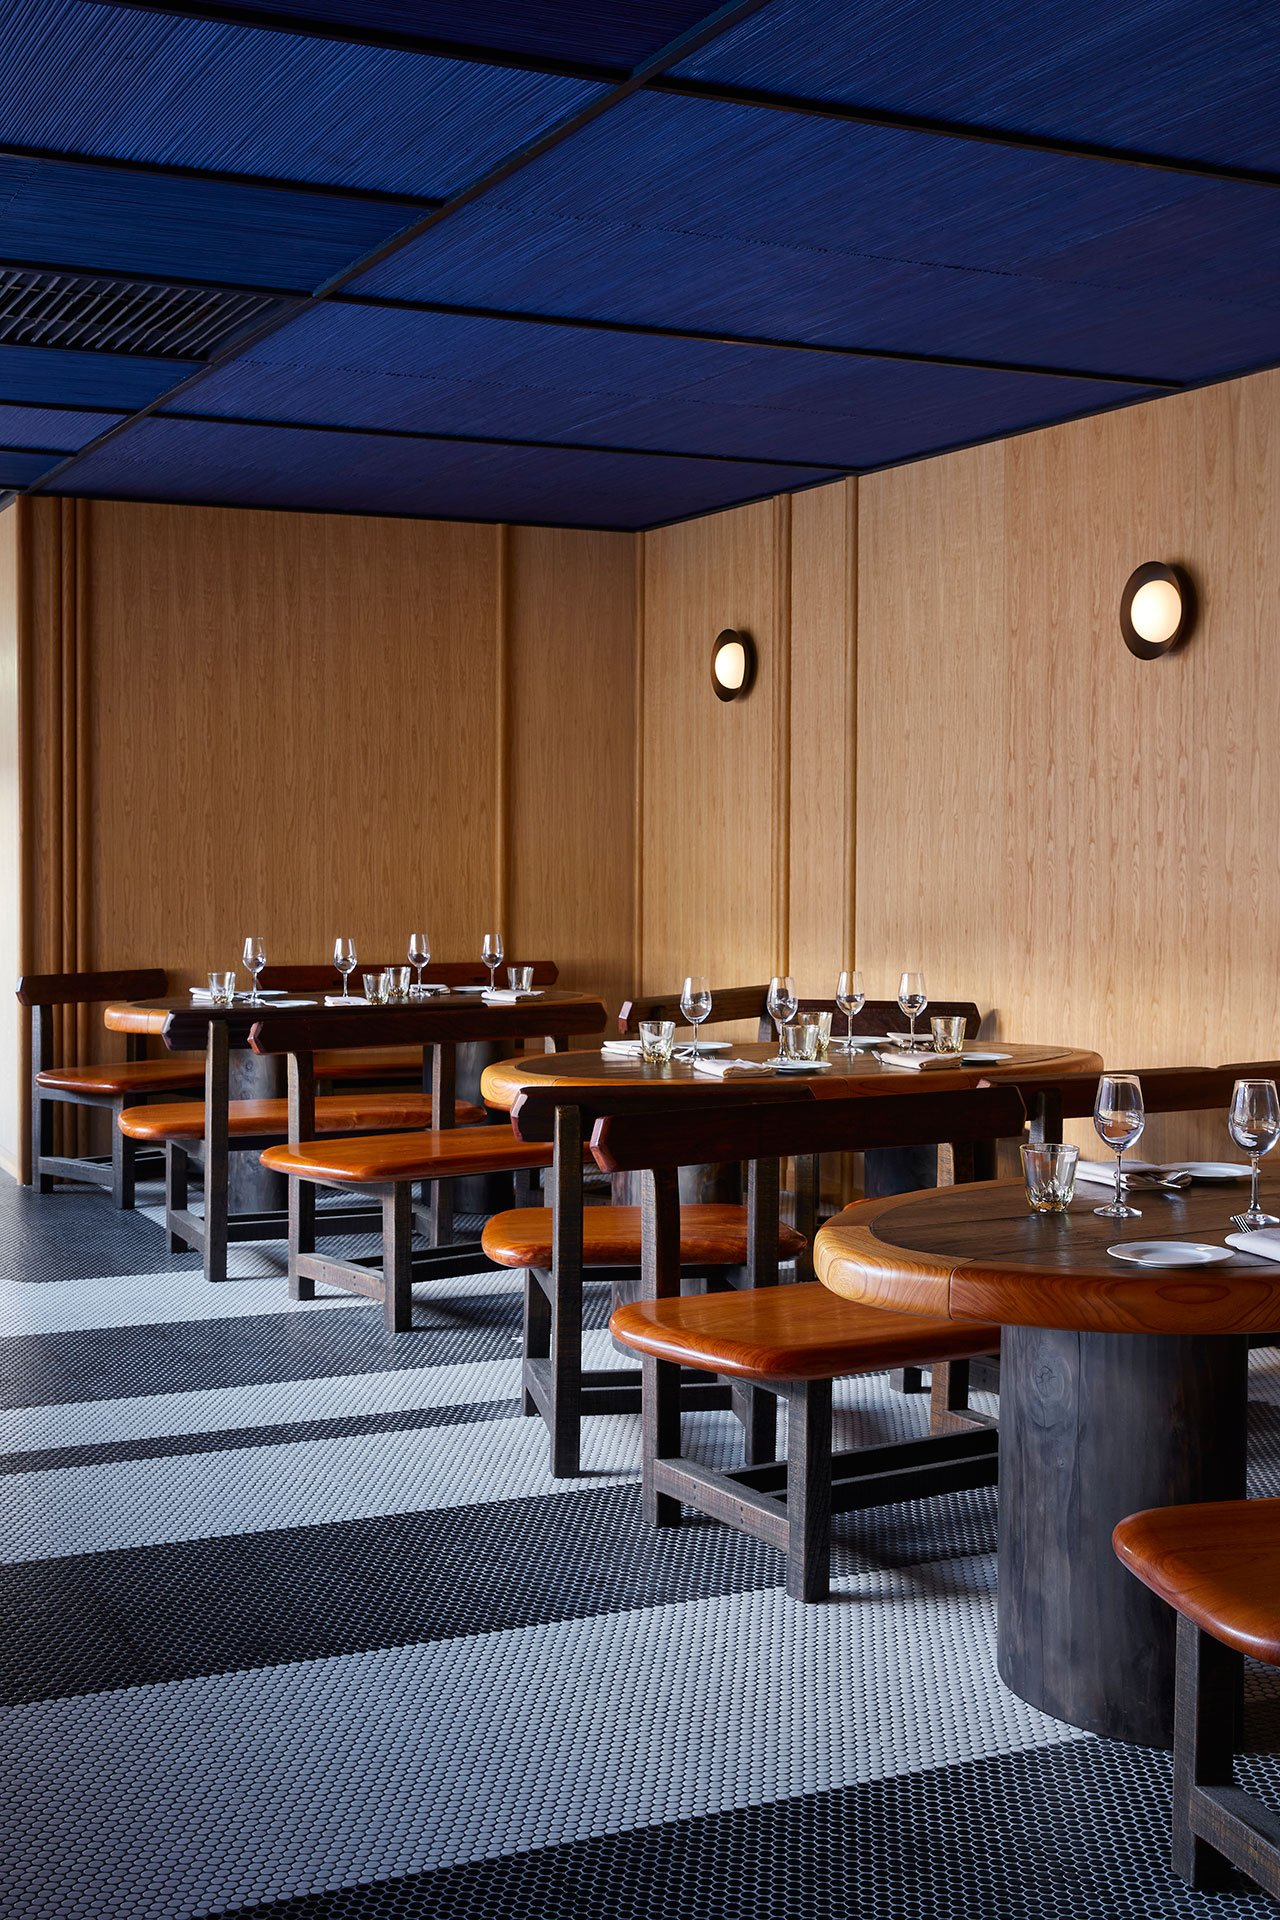 京都王牌酒店。 莫里斯先生的意大利餐厅。 牧野佳弘摄。